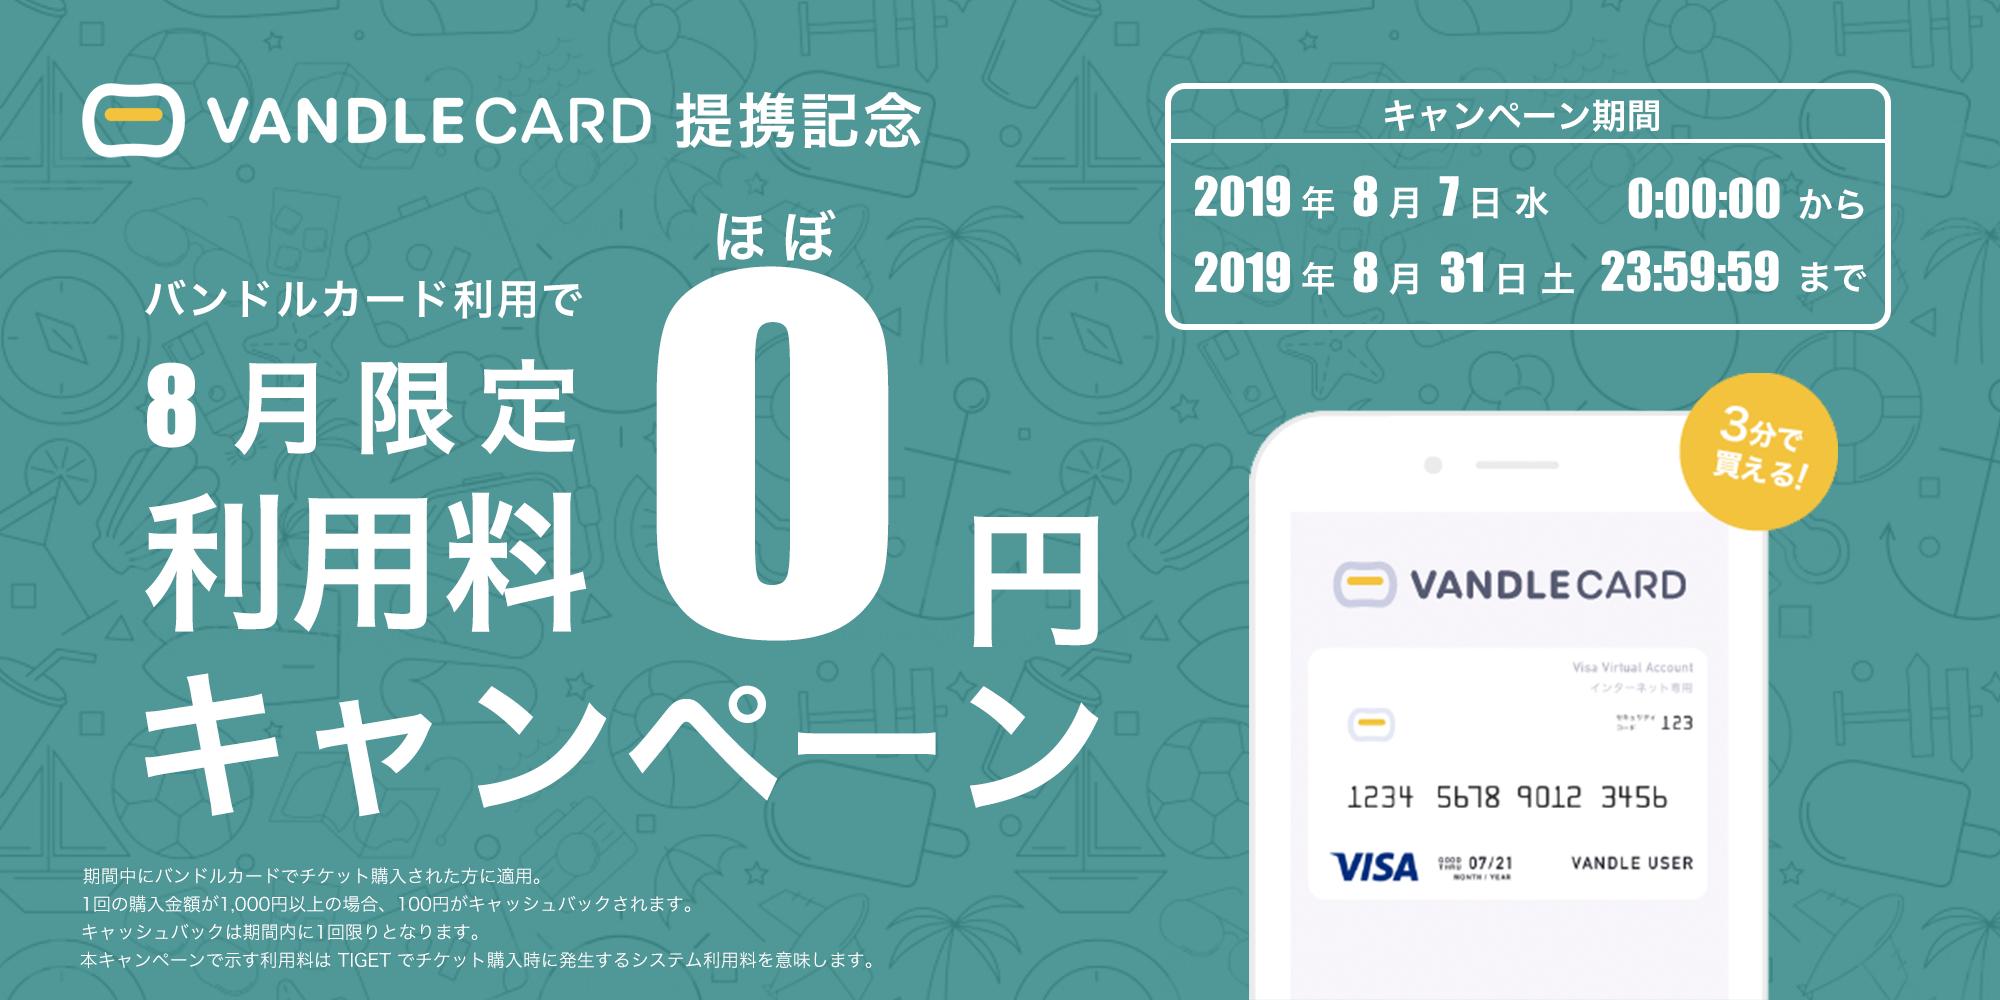 バンドルカード提携記念「利用料ほぼ0円キャンペーン」